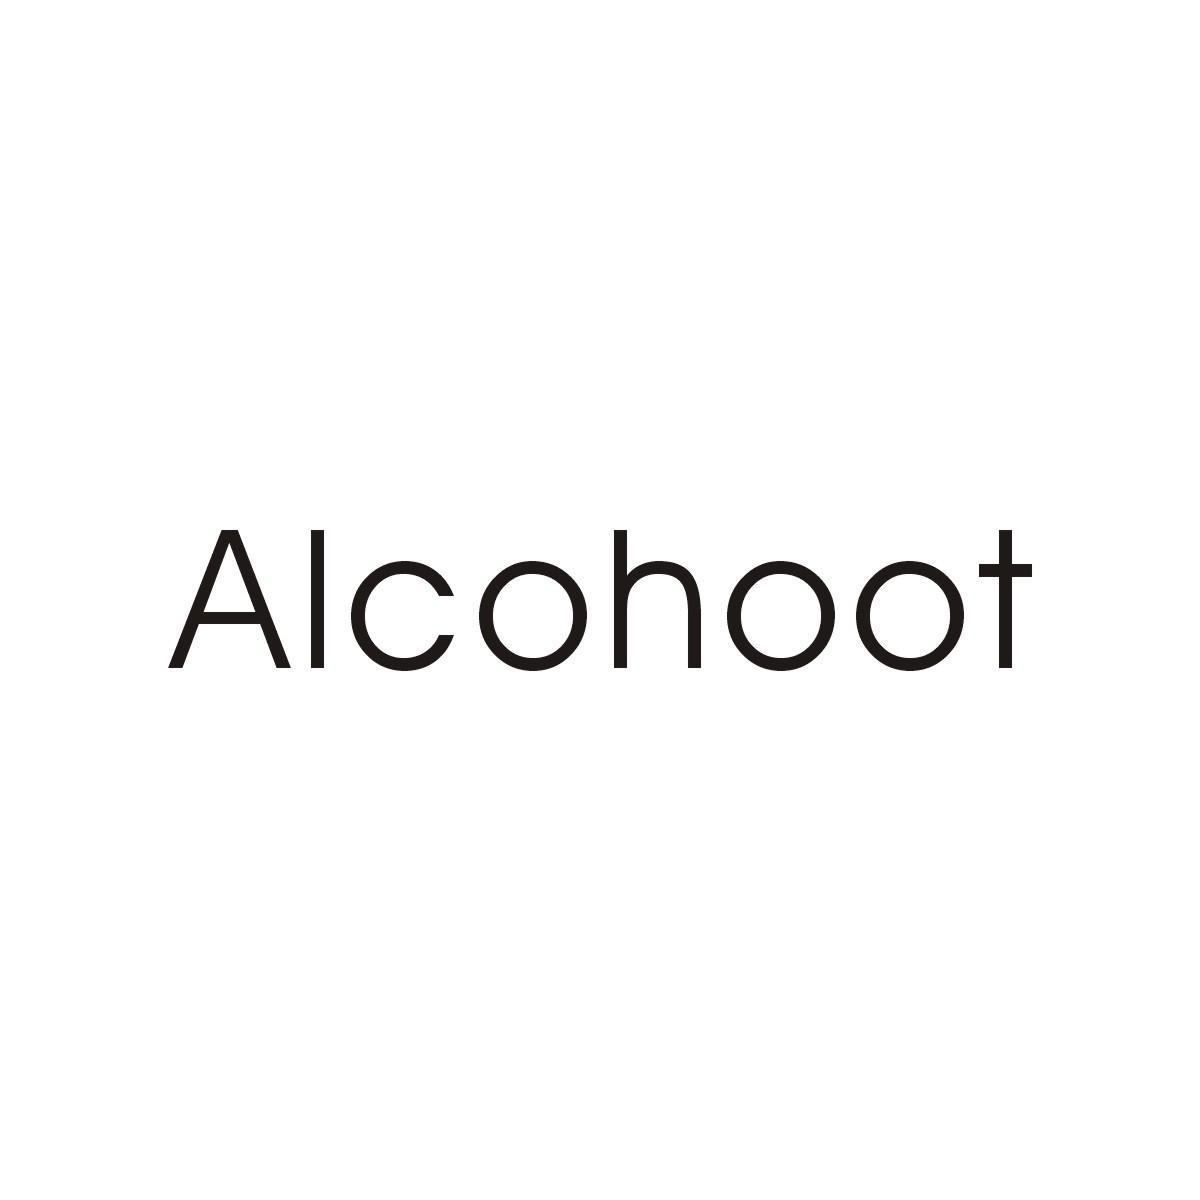 购买ALCOHOOT商标,海量09类-科学仪器商标买卖就上米马商标交易平台